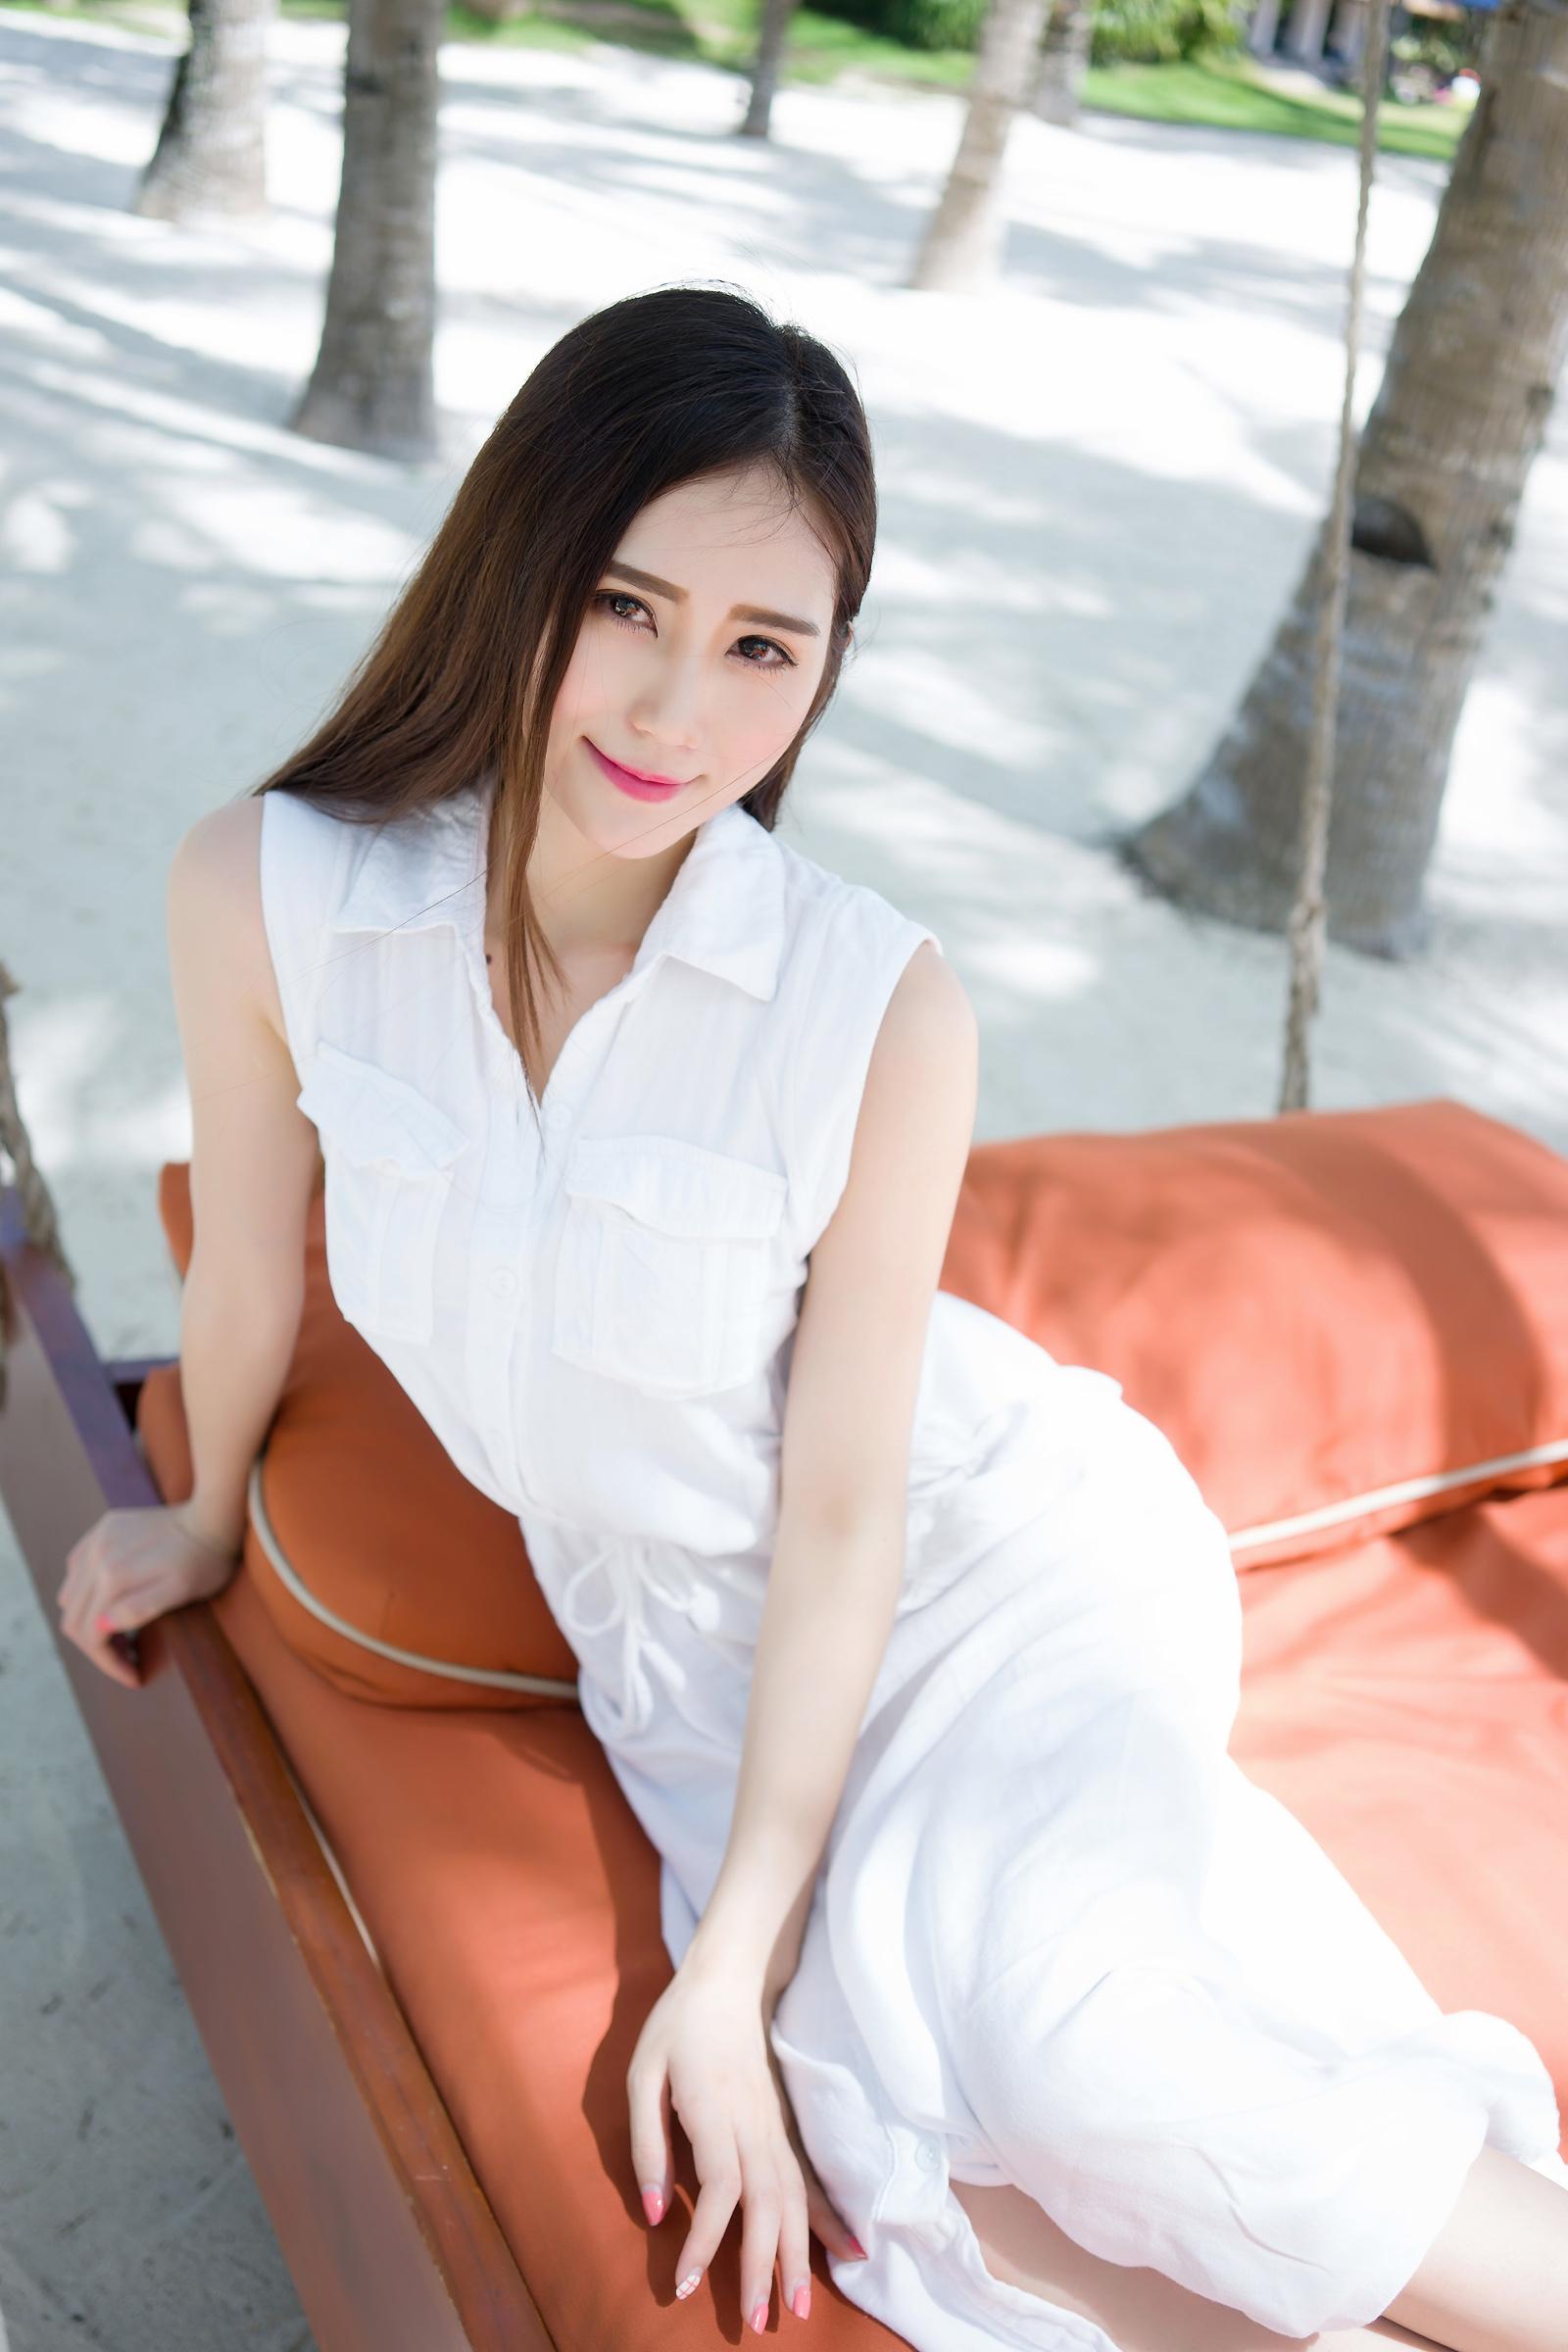 ADK-003白色系卷发长腿美女写真